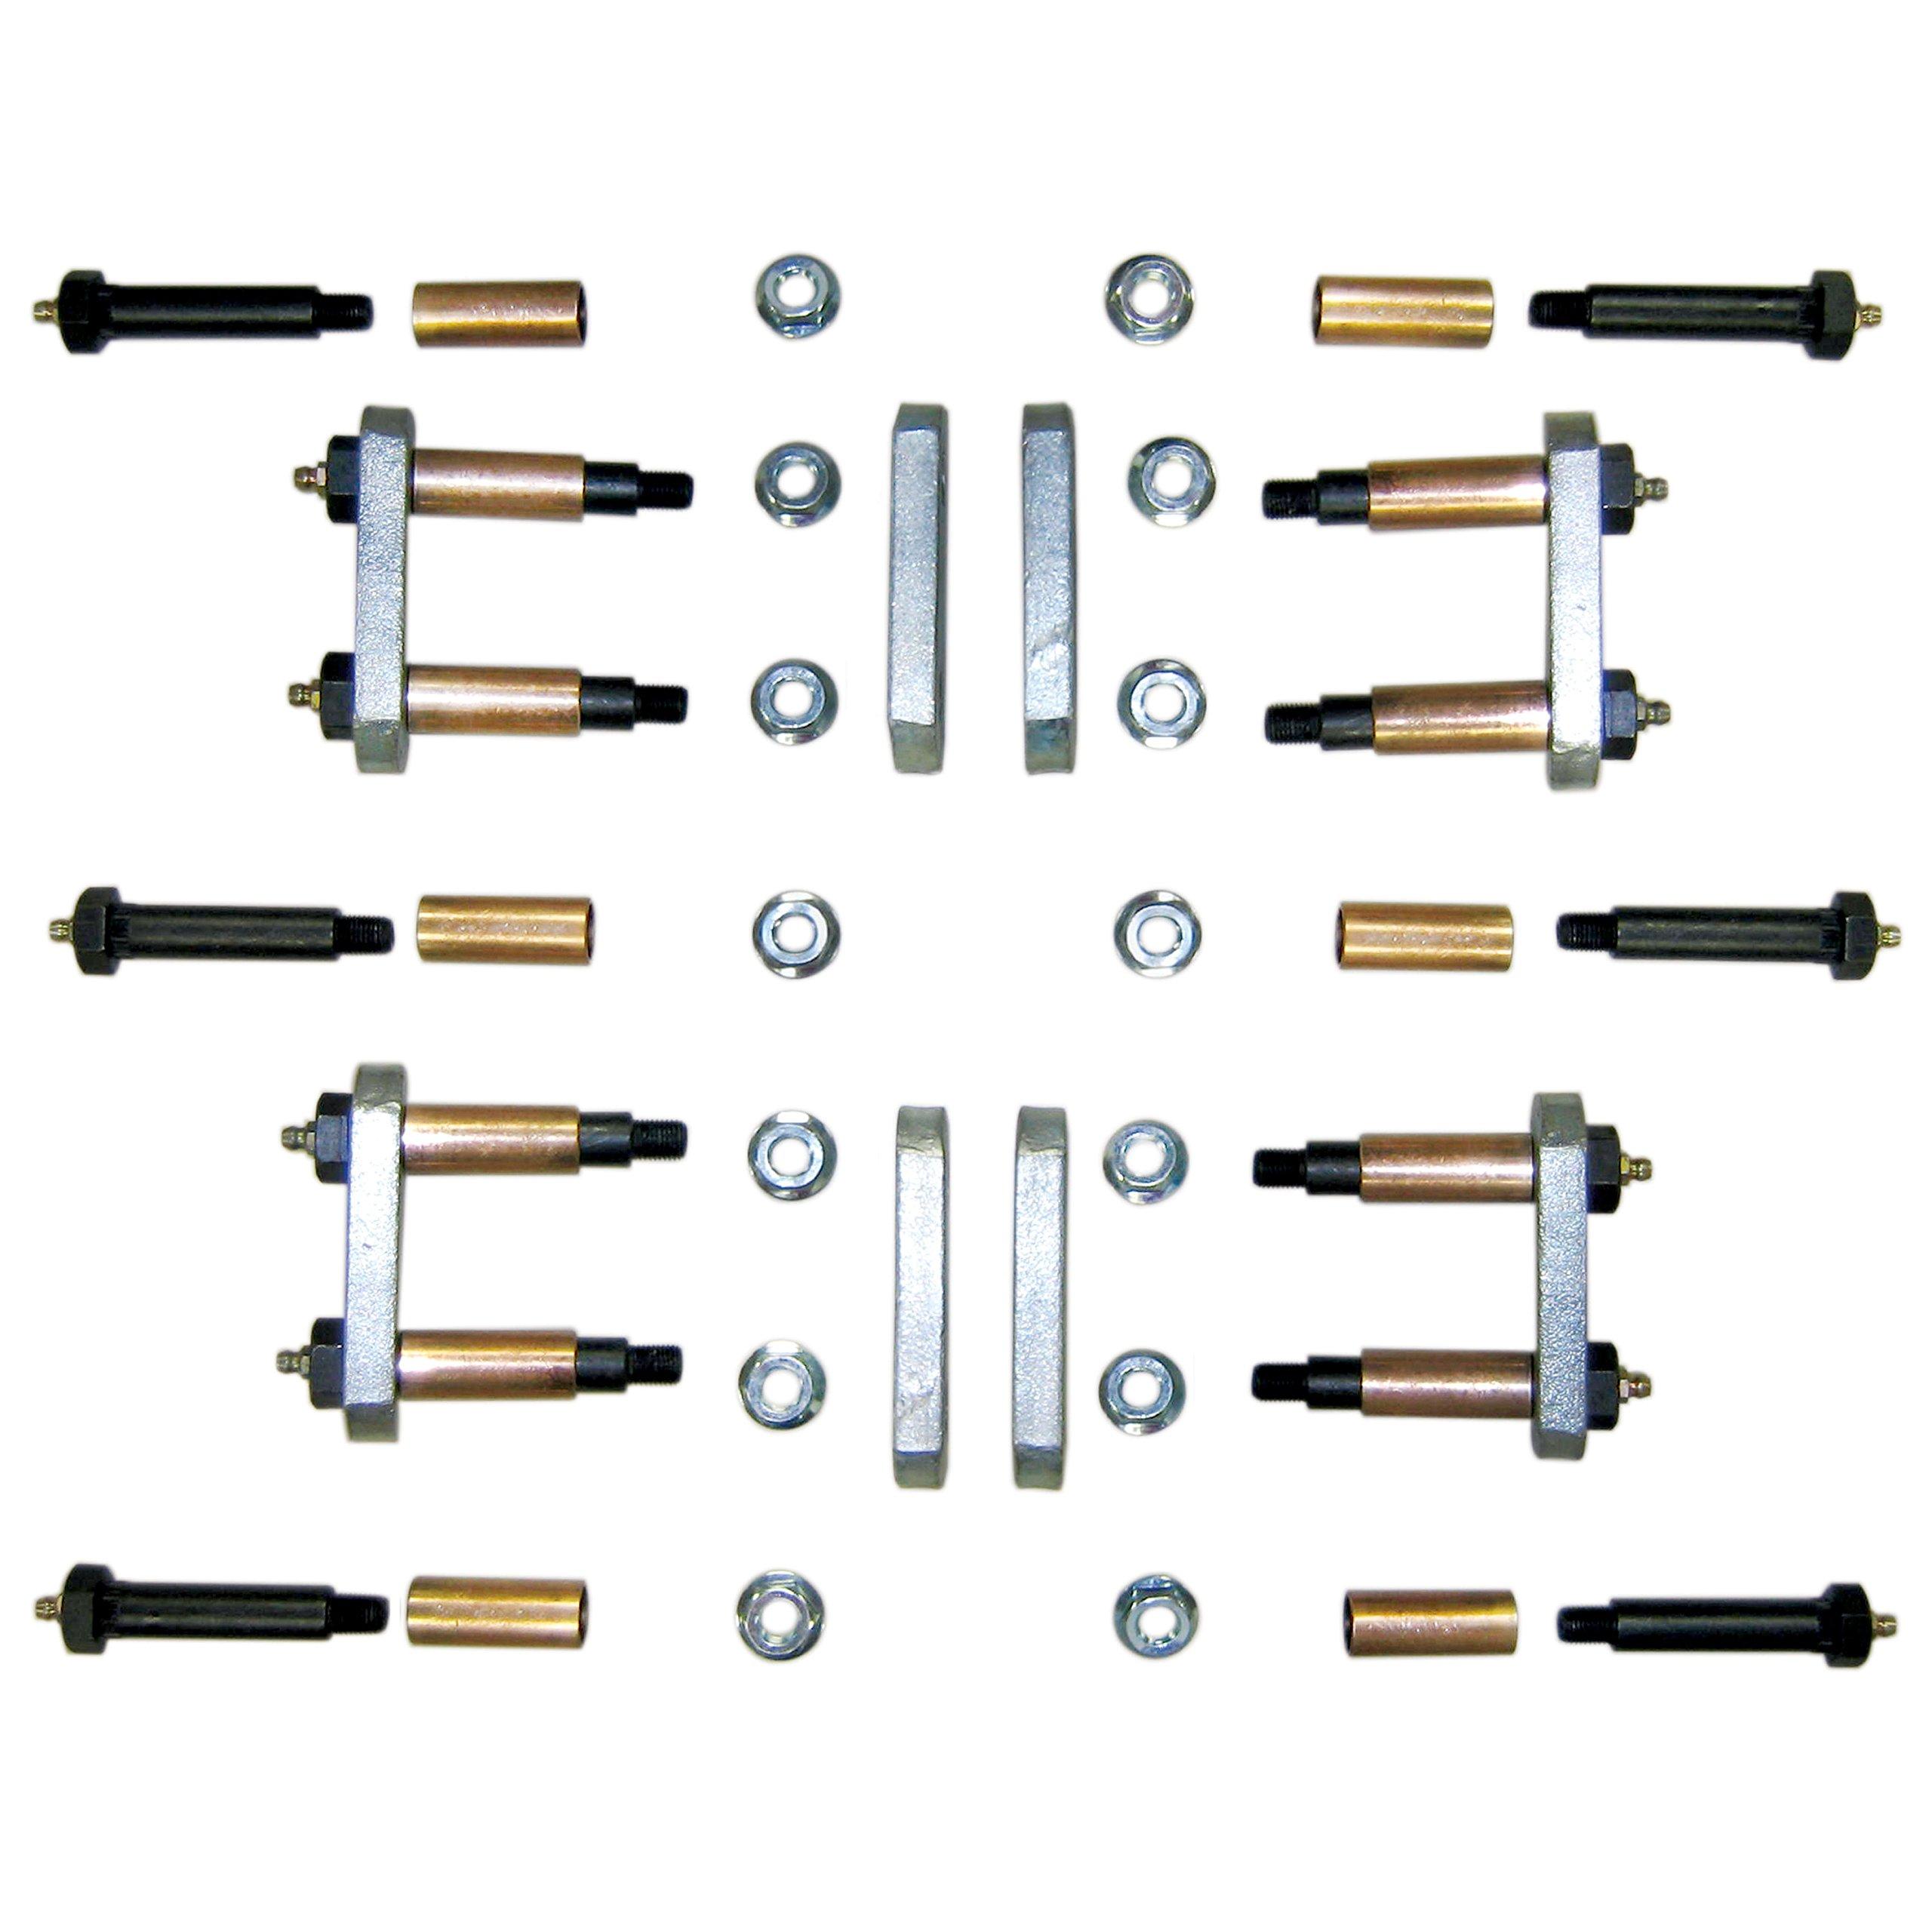 MORryde LRE12-004Heavy Duty Shackle Upgrade Kit - Triple Axle